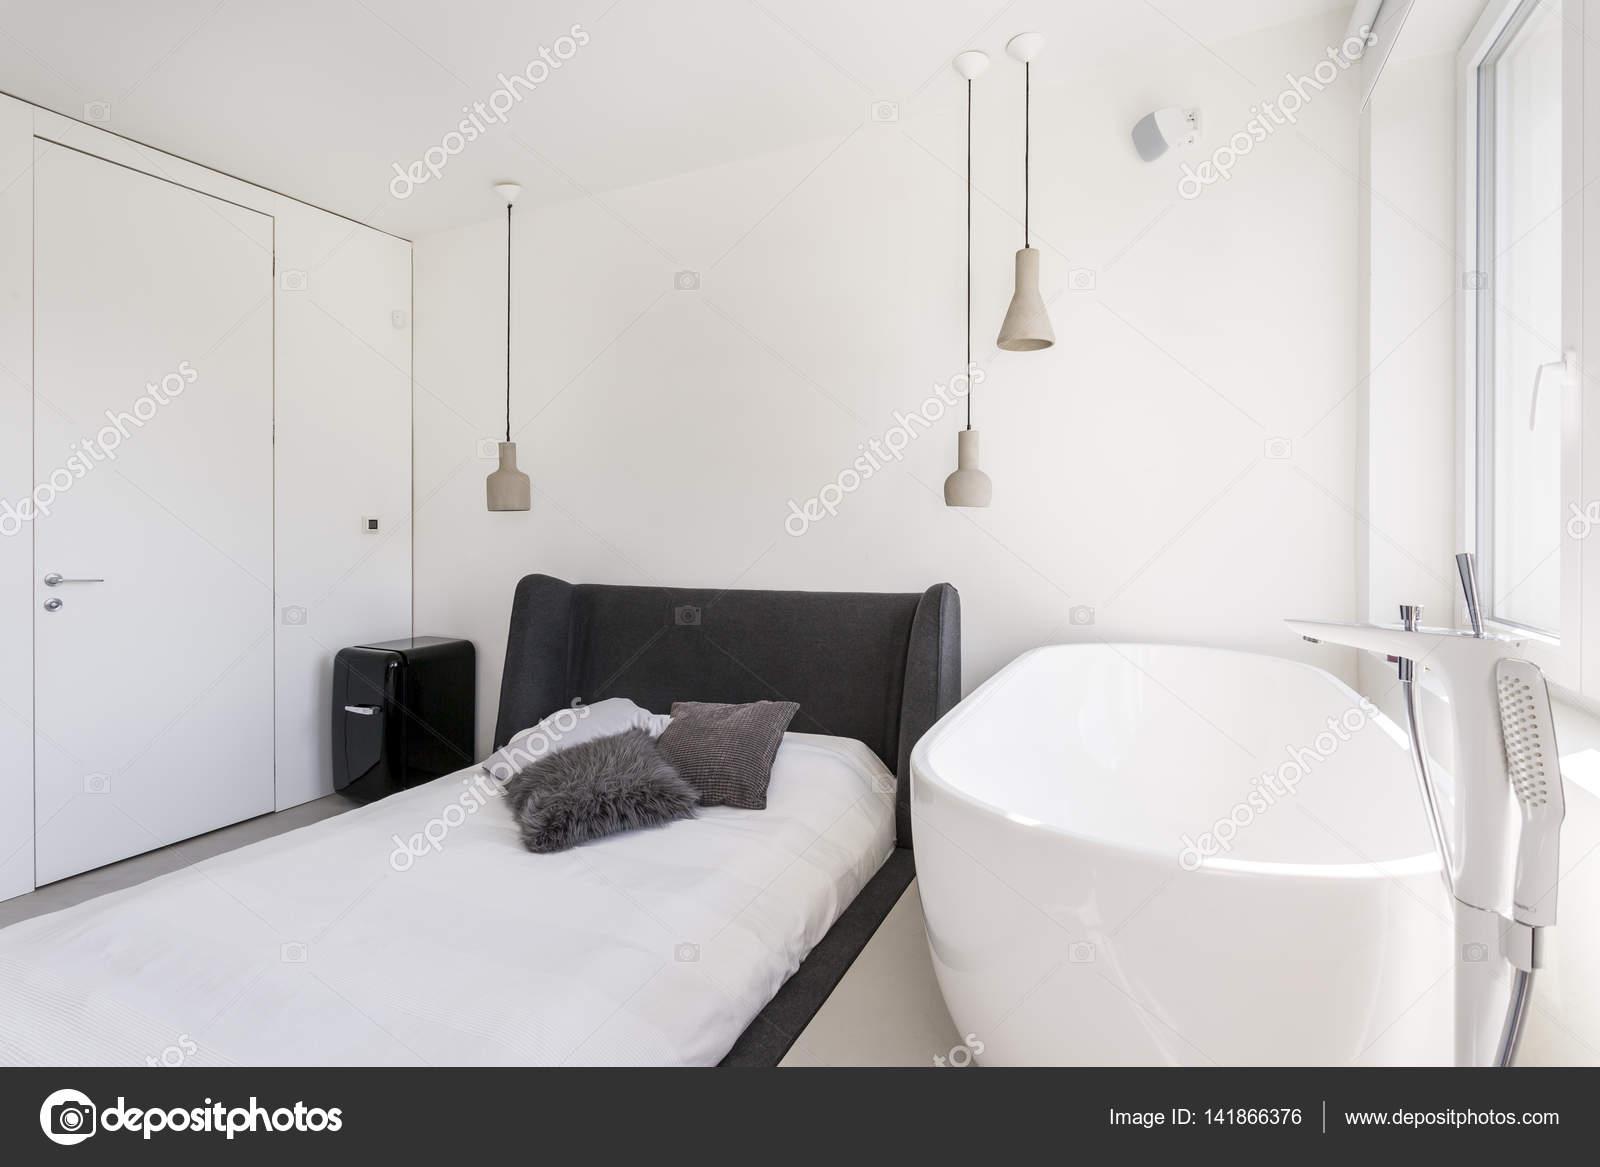 Vasca Da Bagno In Camera : Ascetica camera da letto con vasca da bagno ovale u2014 foto stock